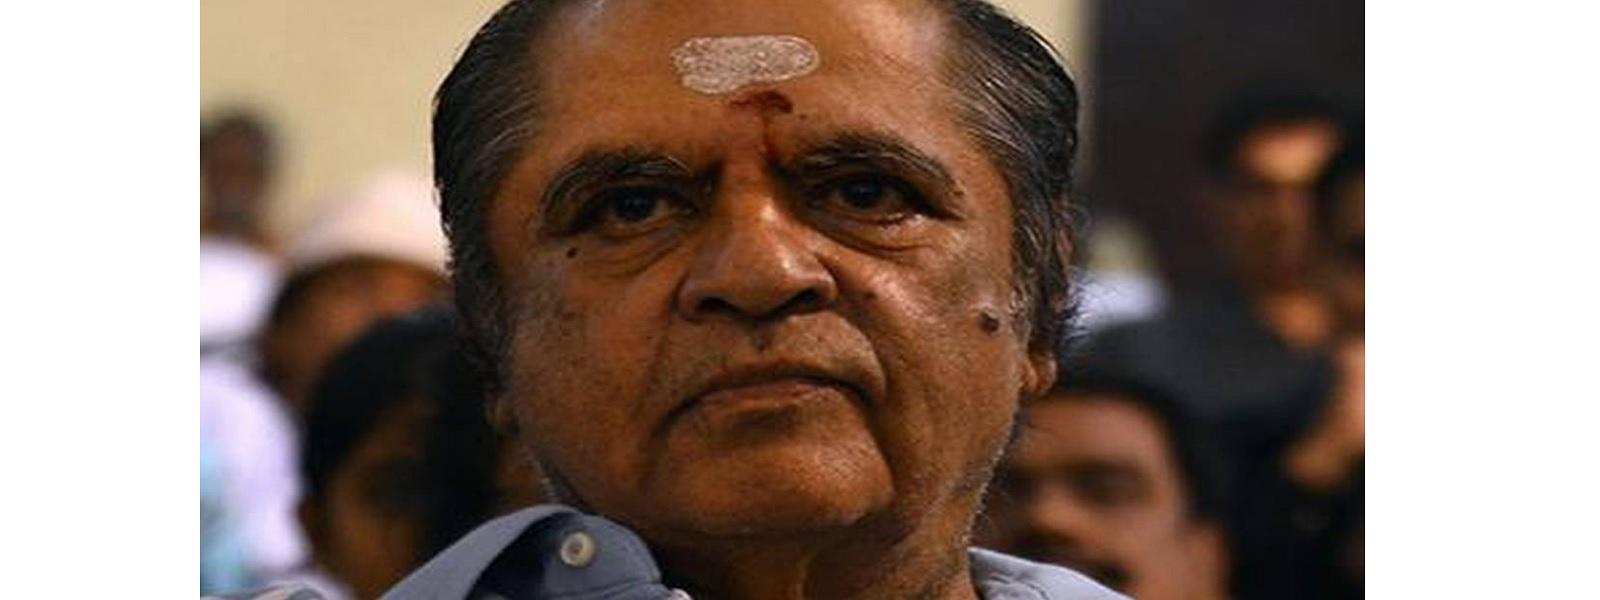 பழம்பெரும் நடிகர் ஸ்ரீகாந்த் காலமானார்